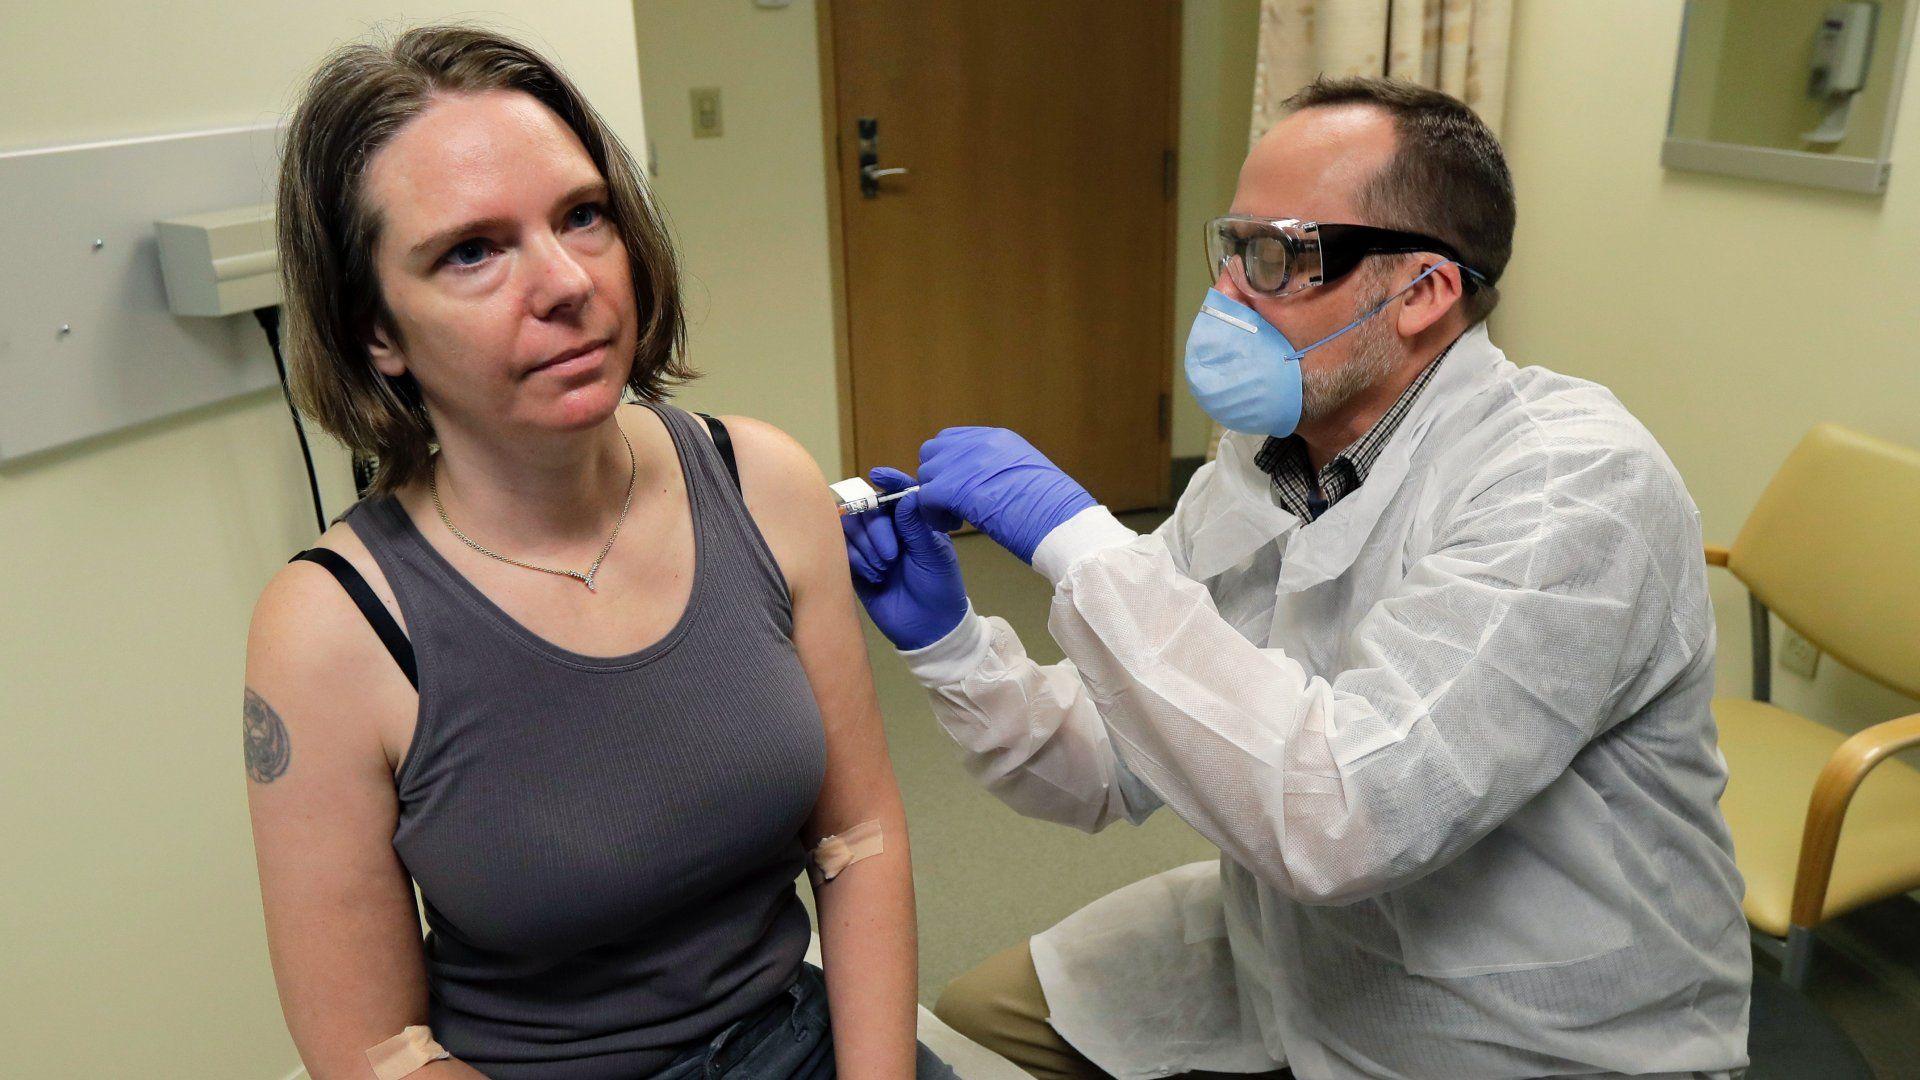 Jennifer Haller amerikai nő az új koronavírus ellen készített, első fokozatban, klinikai kísérleti stádiumban lévő oltóanyagot kap egy gyógyszerésztől a seatlle-i Kaiser Permanente Washington Egészségügyi Kutatóintézetben 2020. március 16-án (Fotó: MTI/AP/Ted S. Warren)